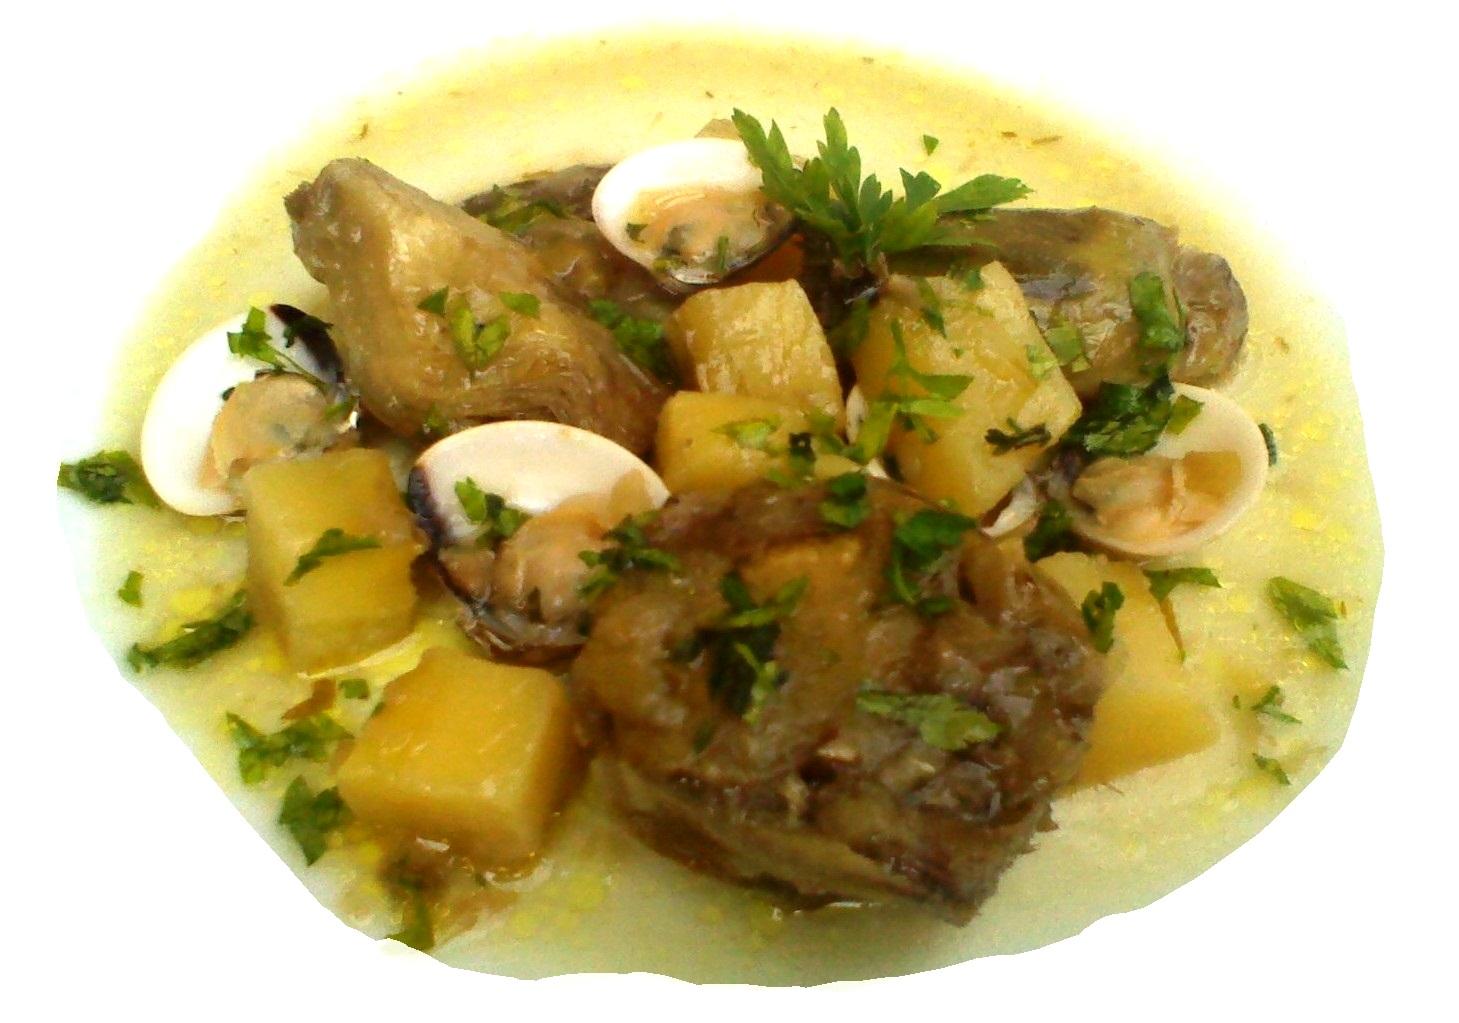 patatas guisadas con pescado: